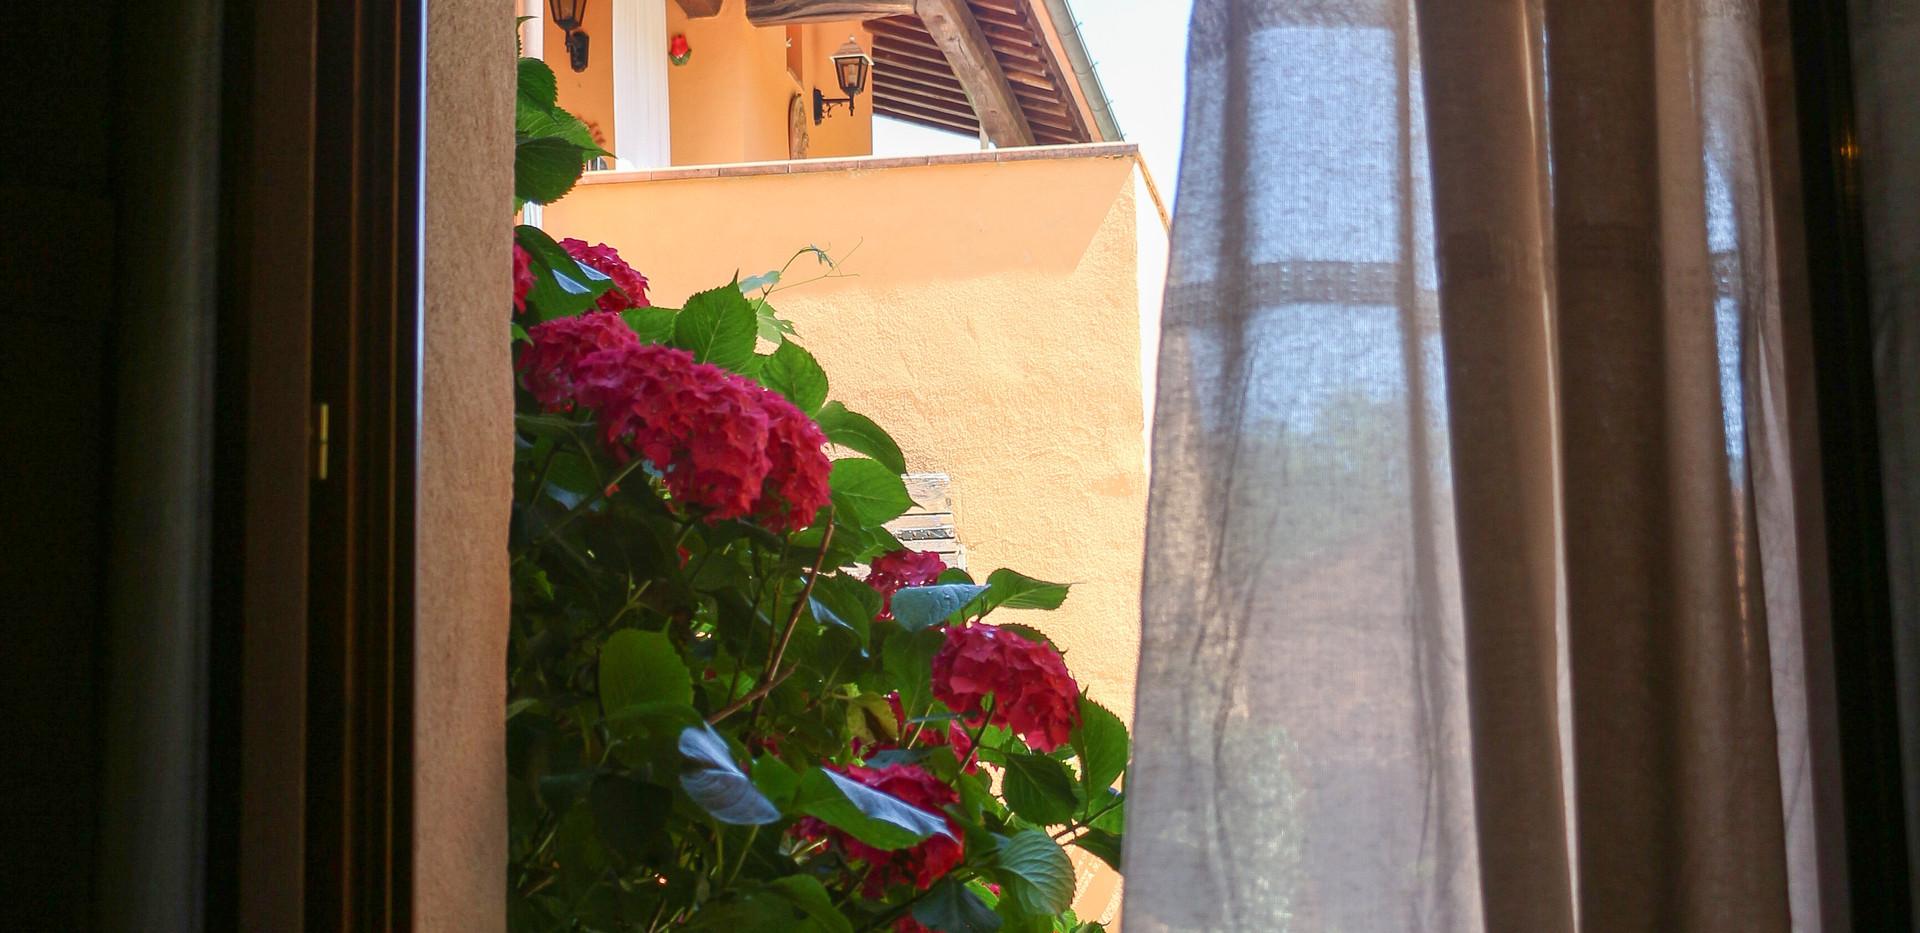 La Dolce Vita - 2nd entrance